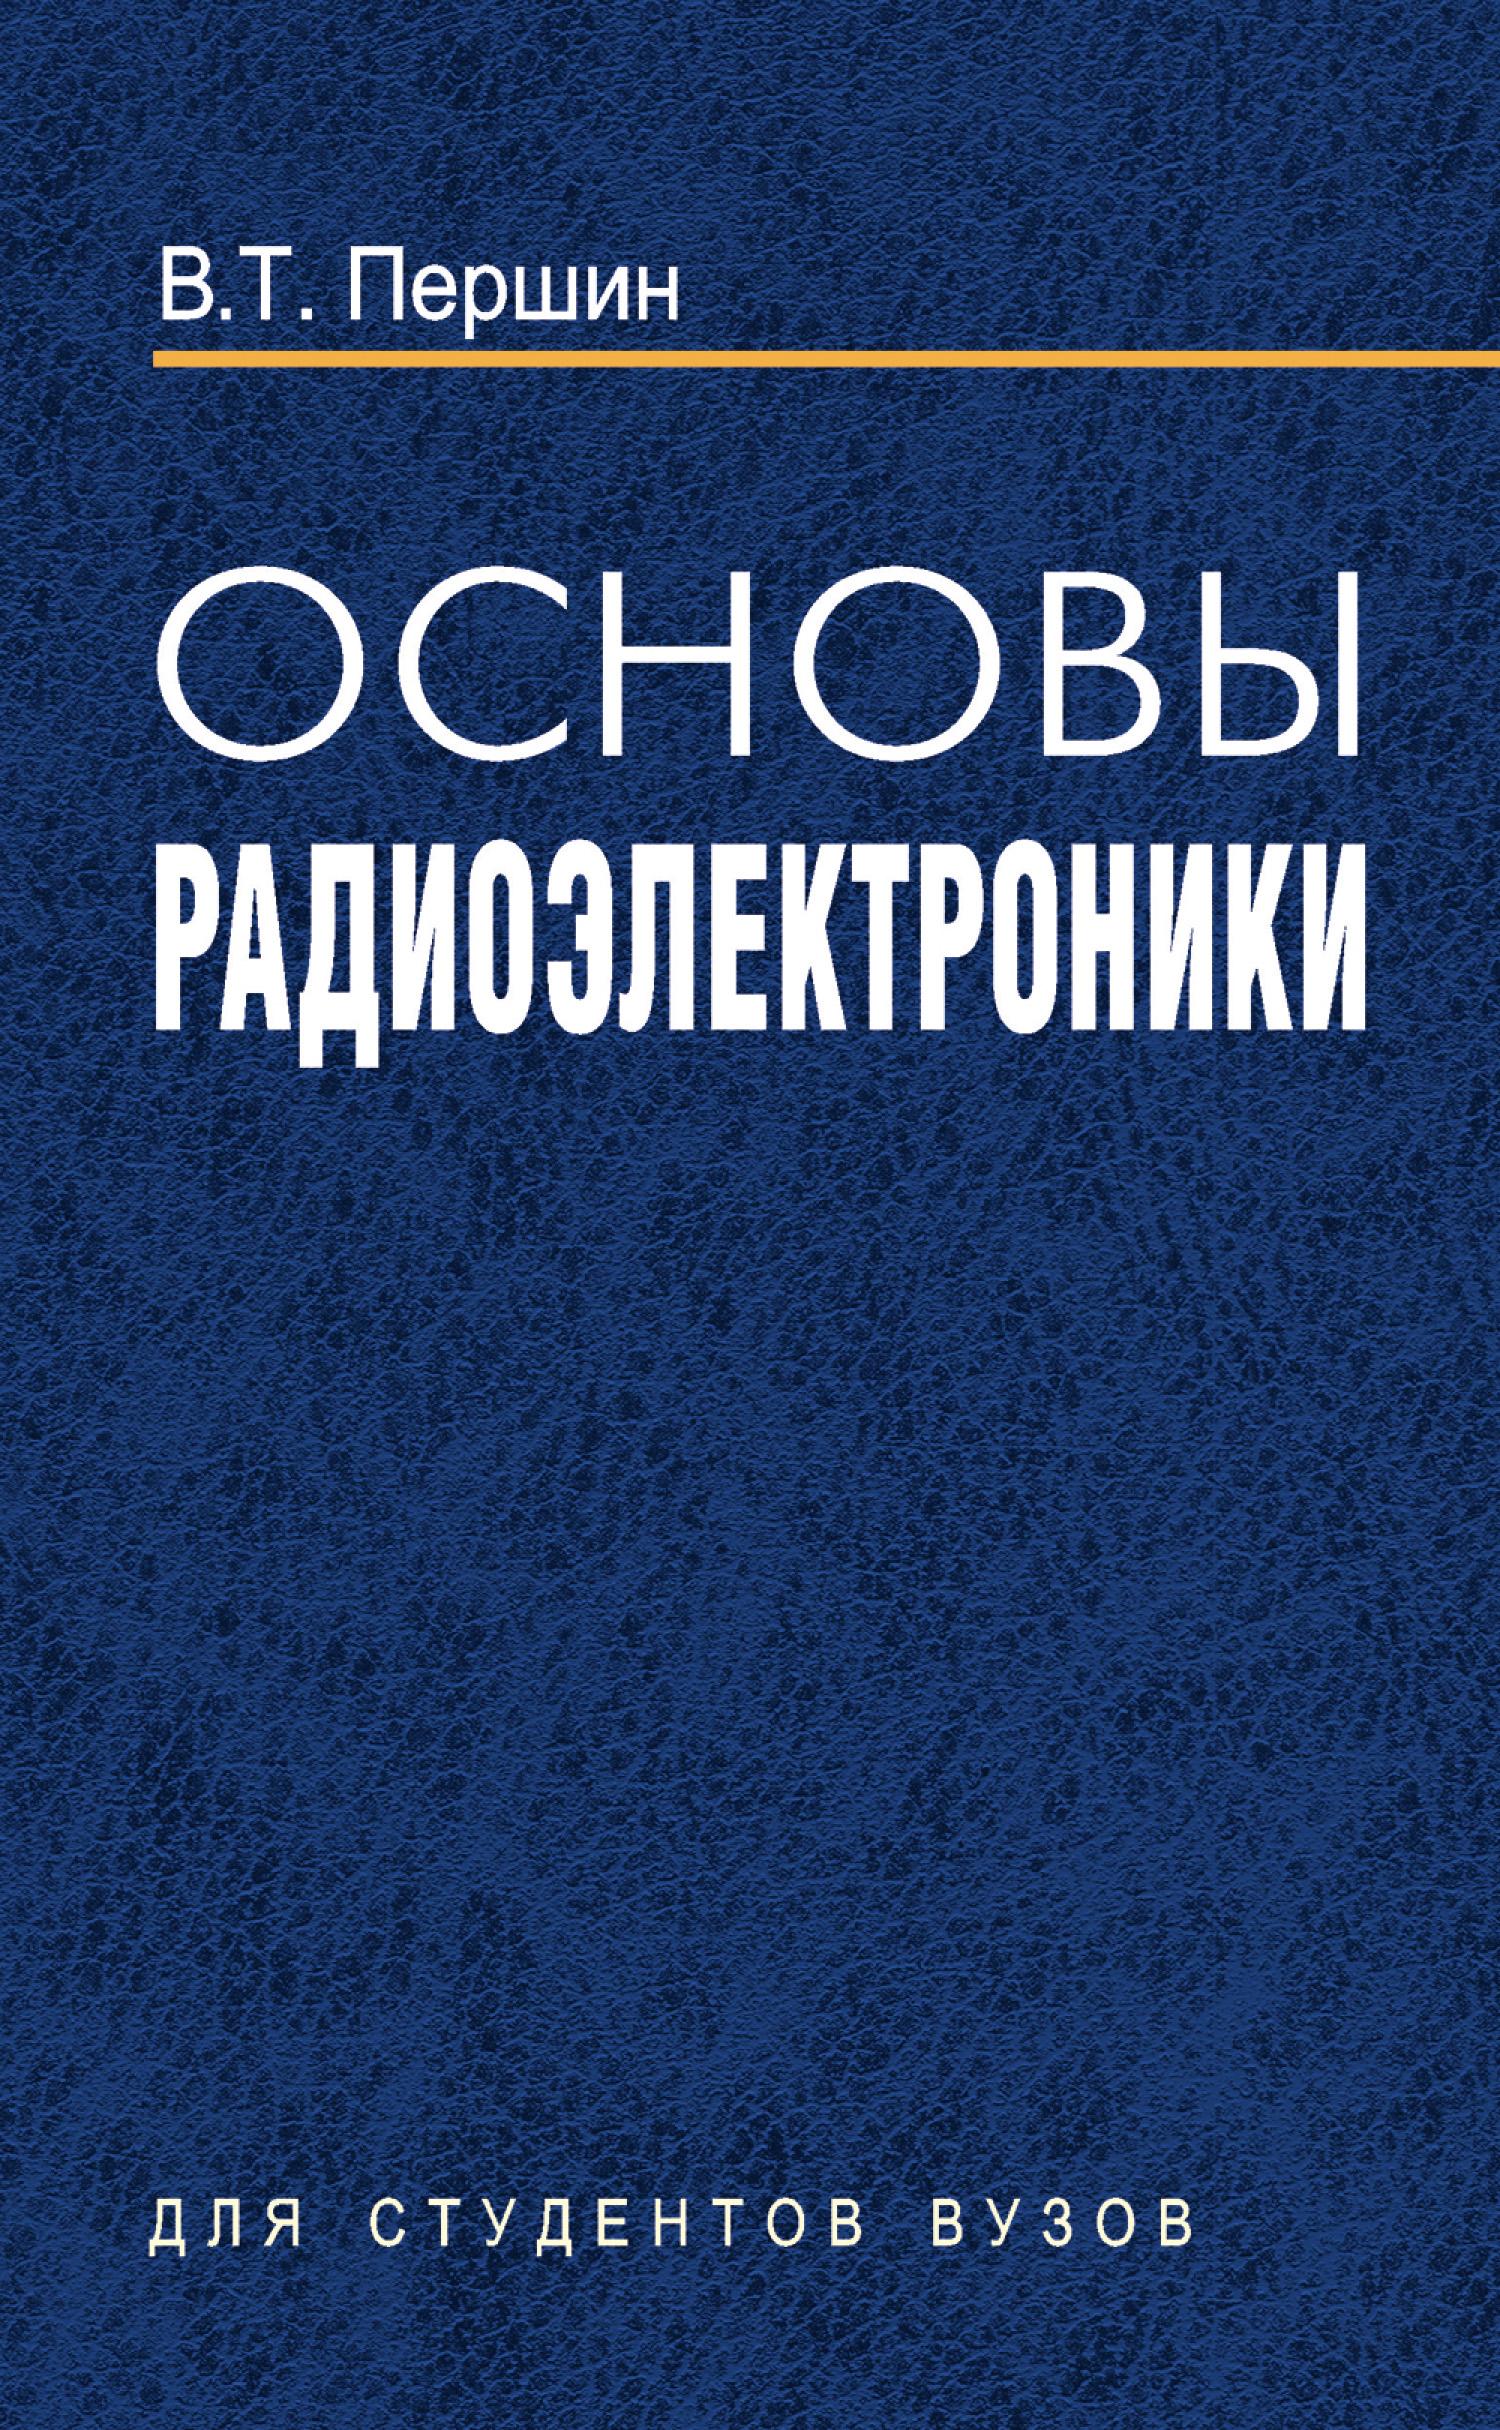 В. Т. Першин Основы радиоэлектроники толстые плёнки радиоэлектроники физико технические основы гетероструктурные среды